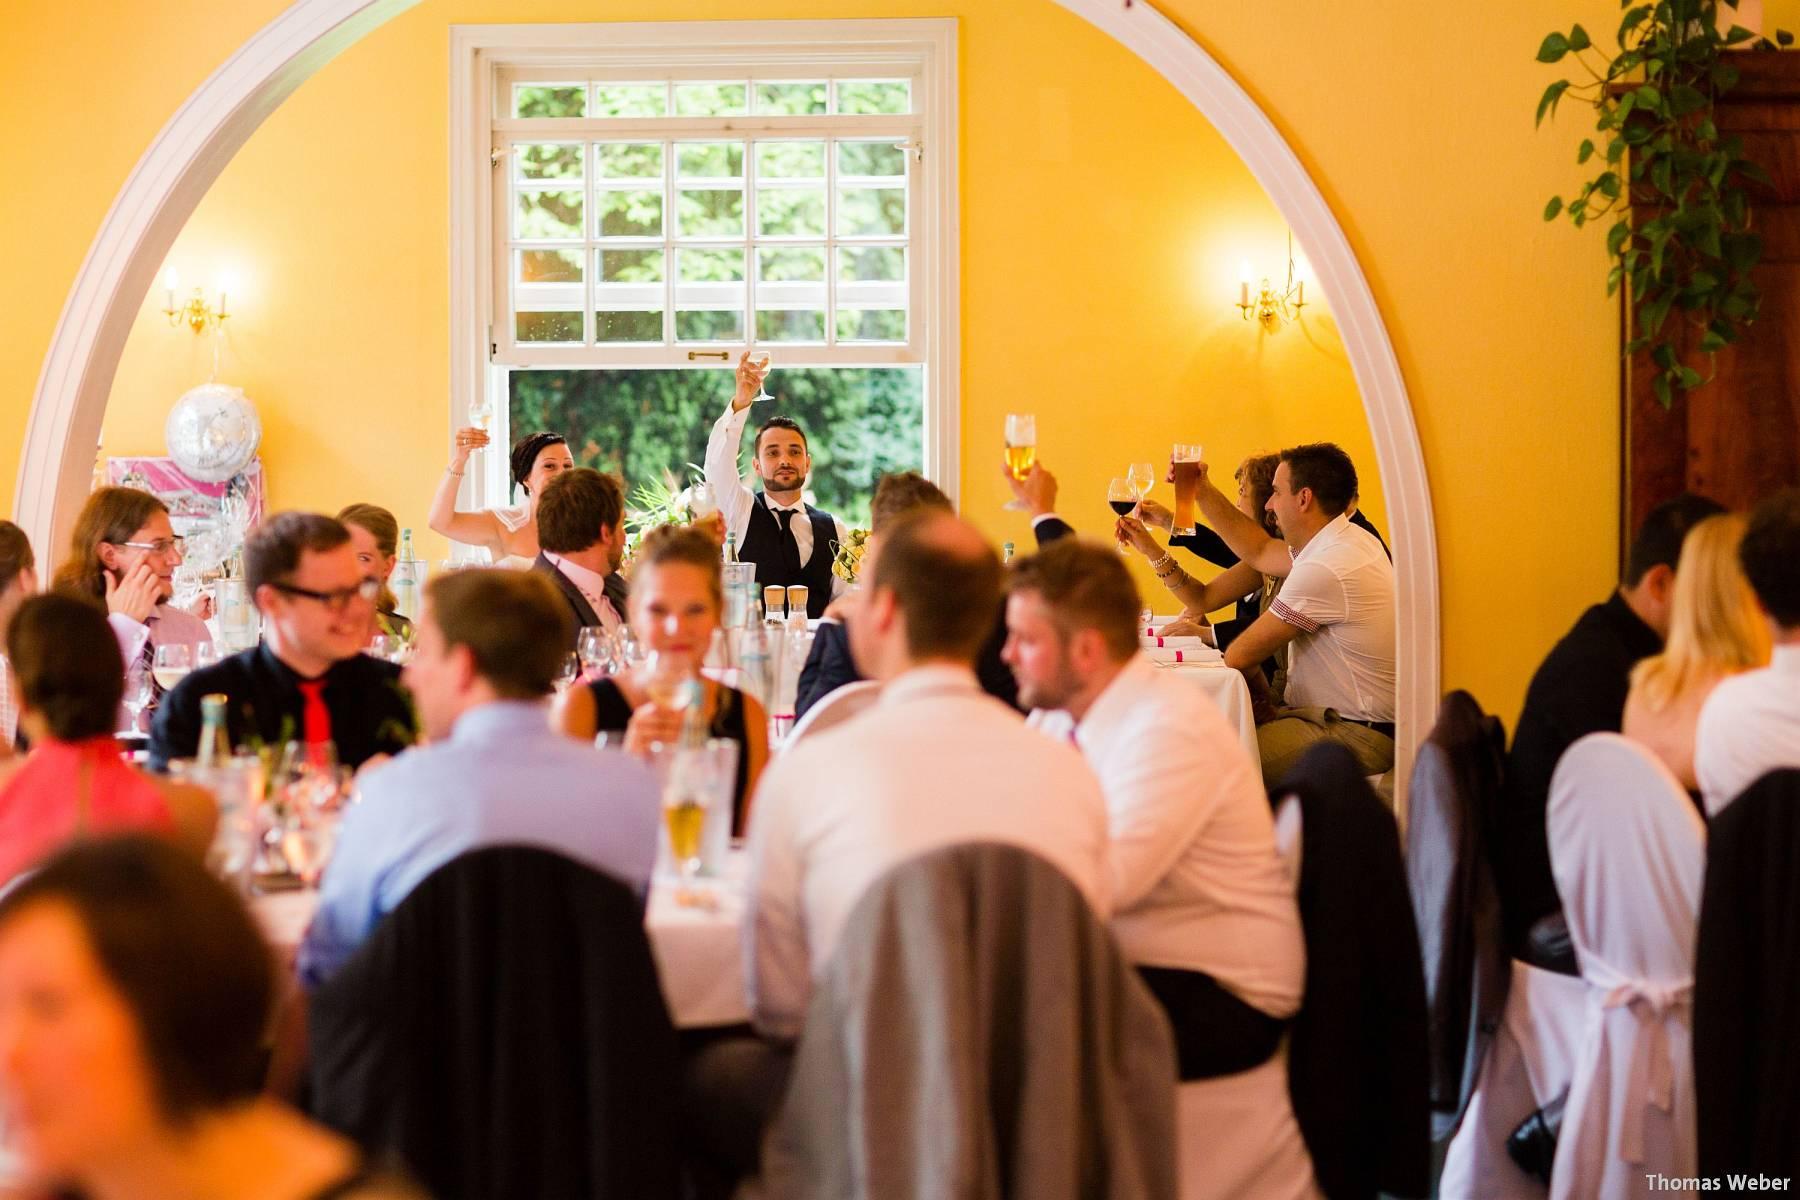 Hochzeitsfotograf Oldenburg: Kirchliche Trauung in der Garnisonkirche Oldenburg und Feier im Landhaus Etzhorn Oldenburg (36)